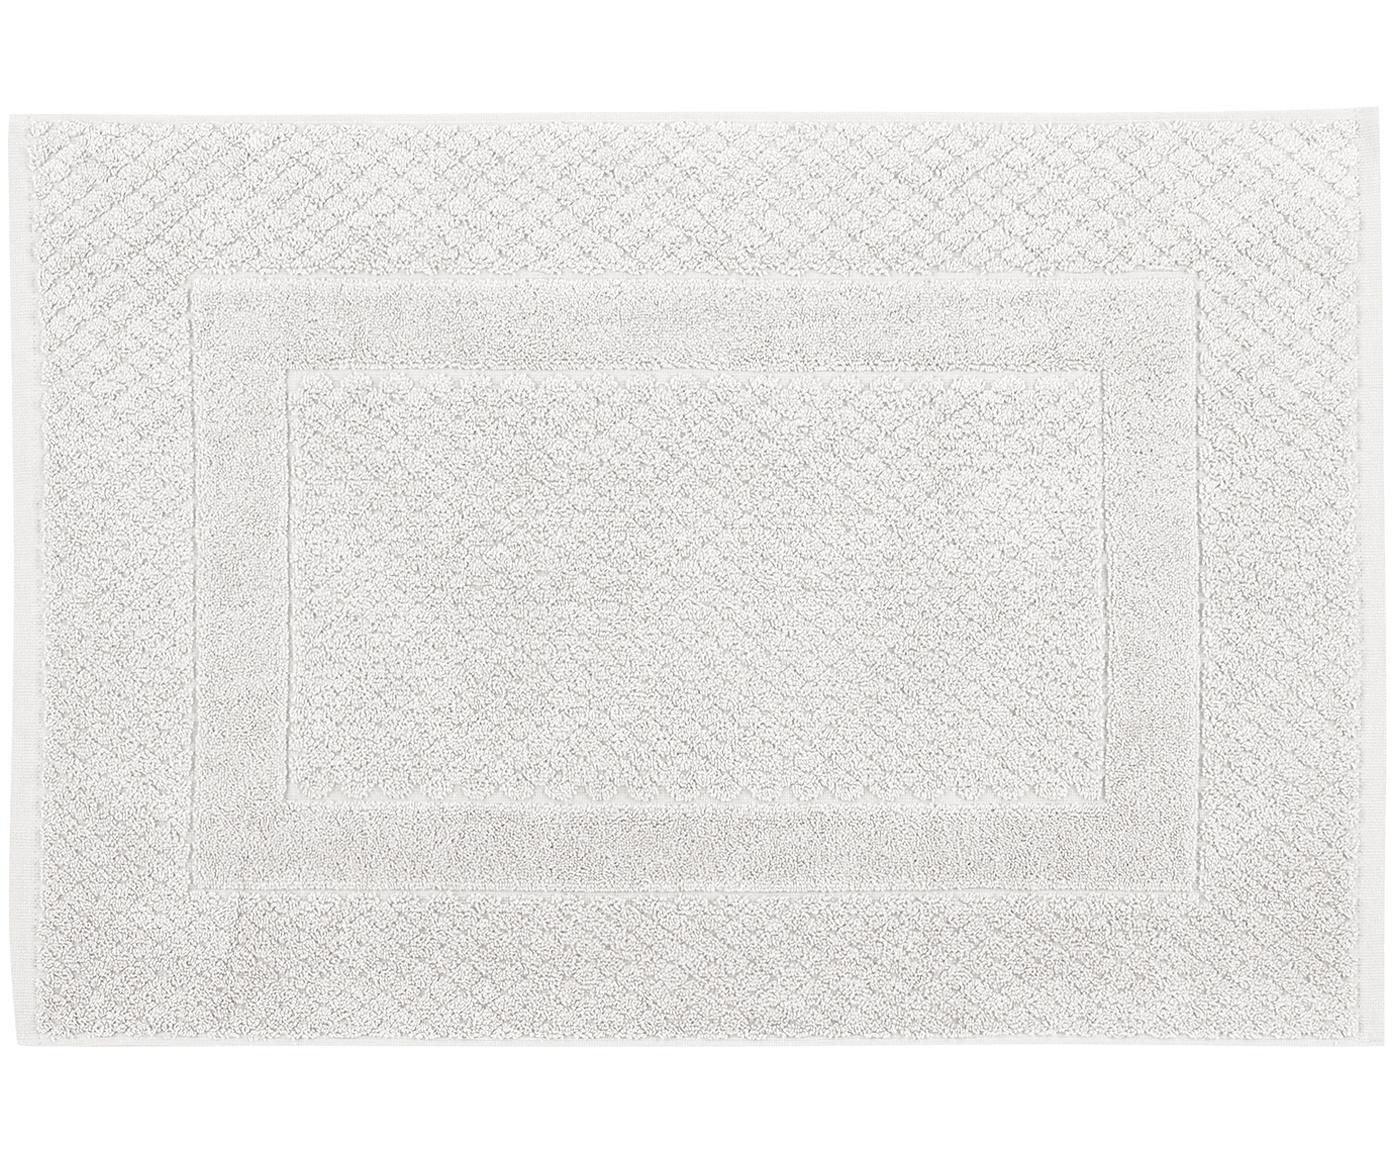 Badvorleger Katharina in Hellgrau, 100% Baumwolle, schwere Qualität, 900 g/m², Silbergrau, 50 x 70 cm